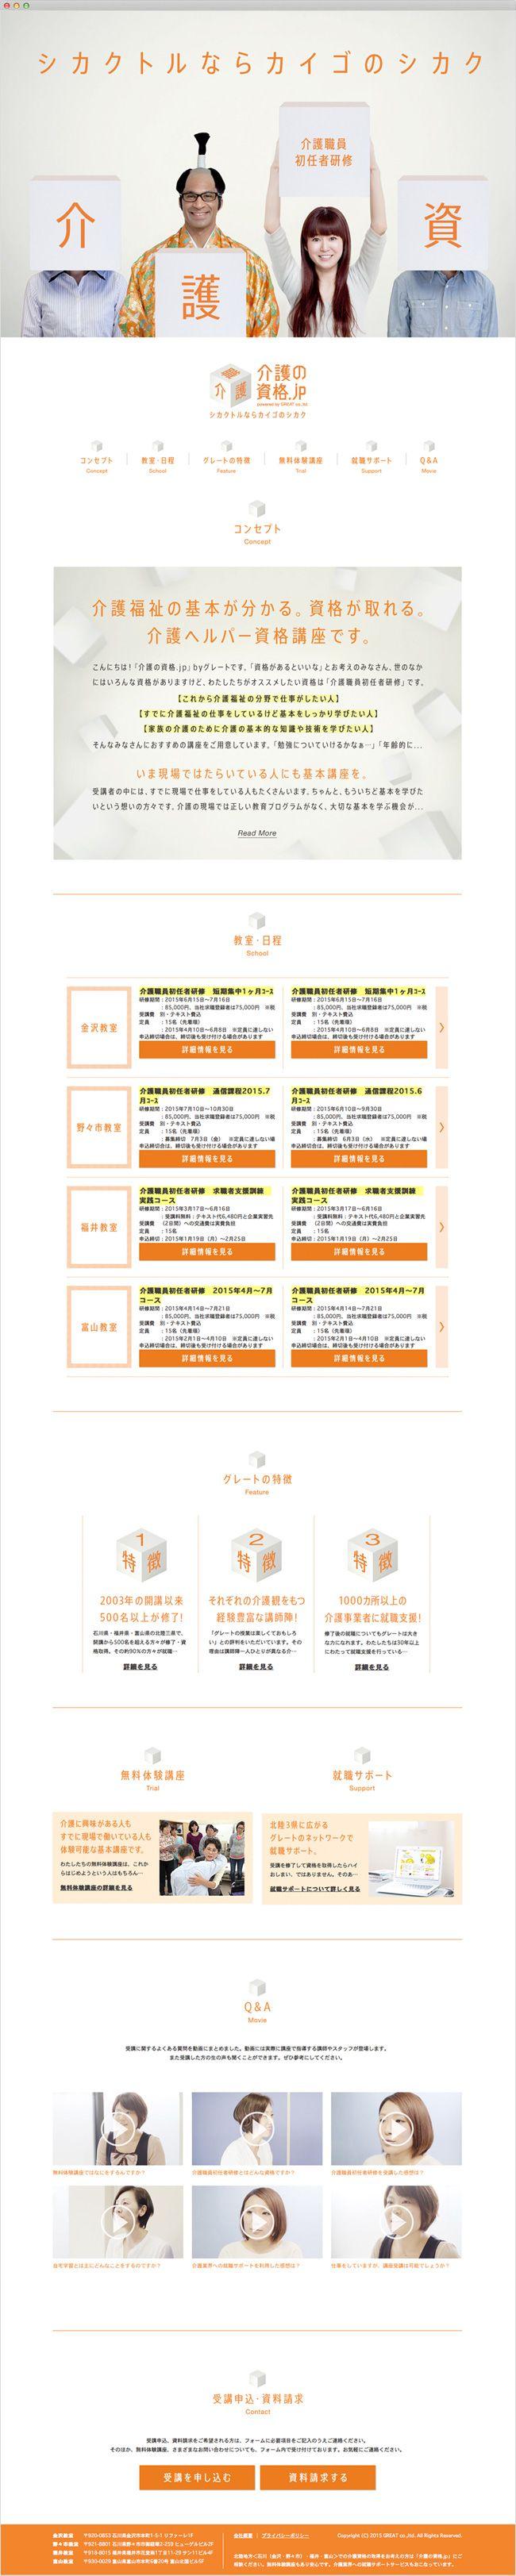 グレート「介護の資格.jp」 ホームページ制作 | 石川県金沢市のデザインチーム「ヴォイス」 ホームページ作成やCMの企画制作をはじめNPOタテマチ大学を運営